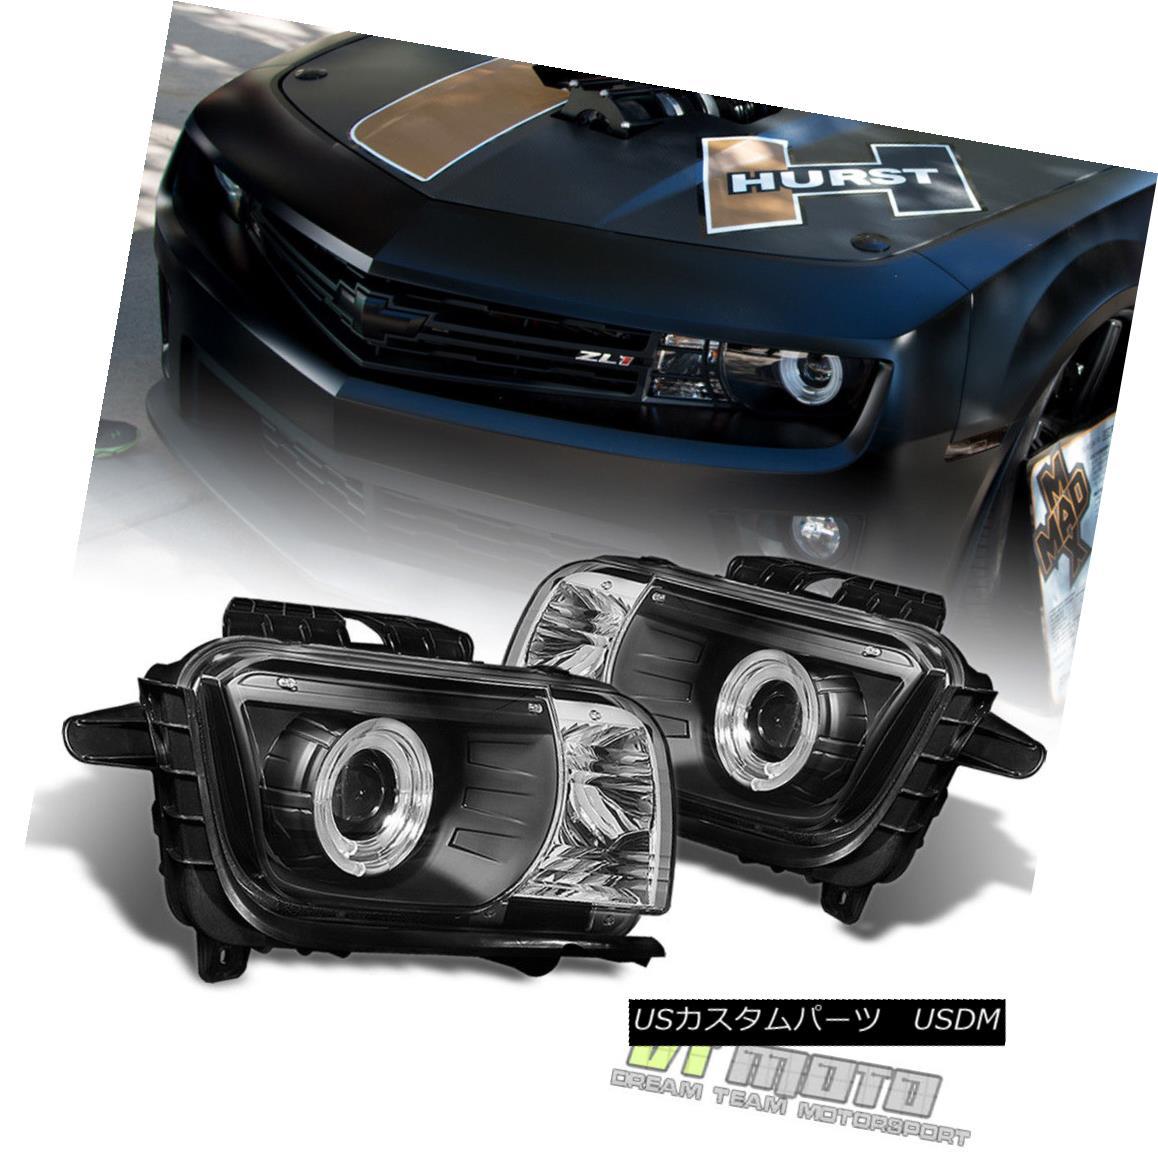 ヘッドライト Blk 2010-2013 Chevy Camaro LED Halo Projector Headlights Headlamps 10 11 12 13 Blk 2010-2013 Chevy Camaro LED Haloプロジェクターヘッドライトヘッドランプ10 11 12 13